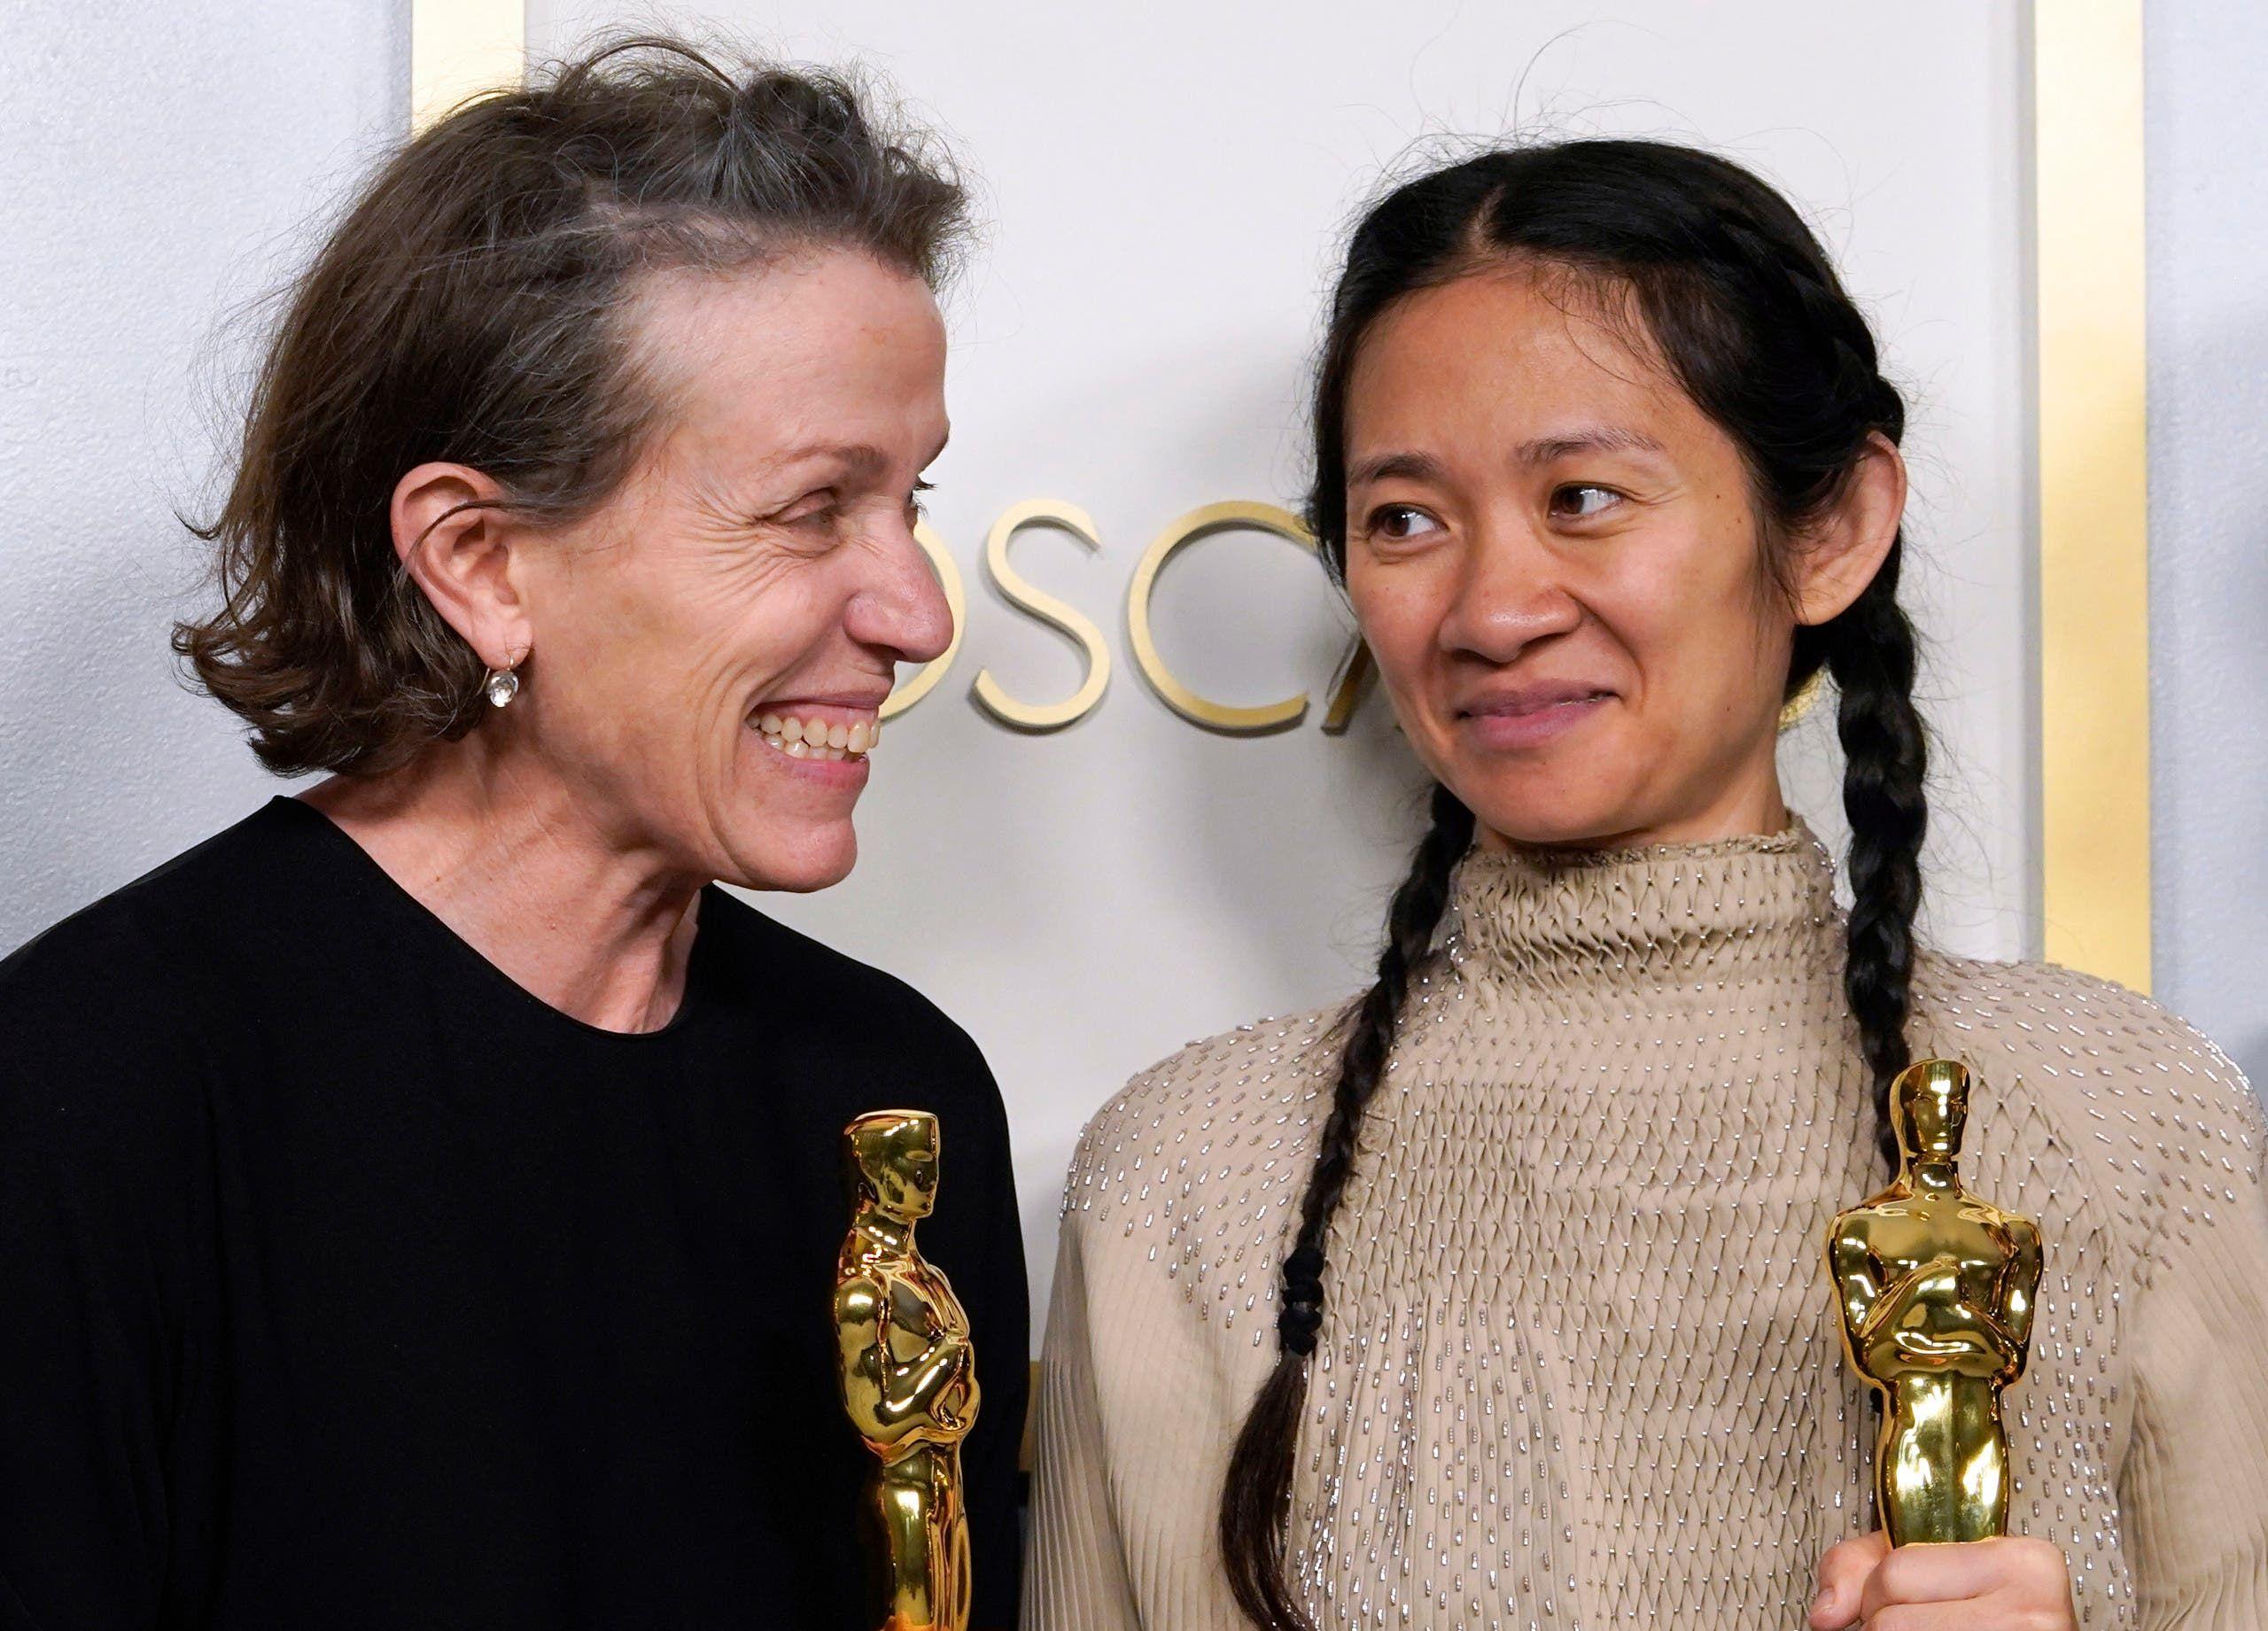 المنتجان فرانسيس مكدورماند وكلوي تشاو يحملان جائزة أوسكار لأفضل فيلم في حفل توزيع جوائز الأوسكار في لوس أنجلوس